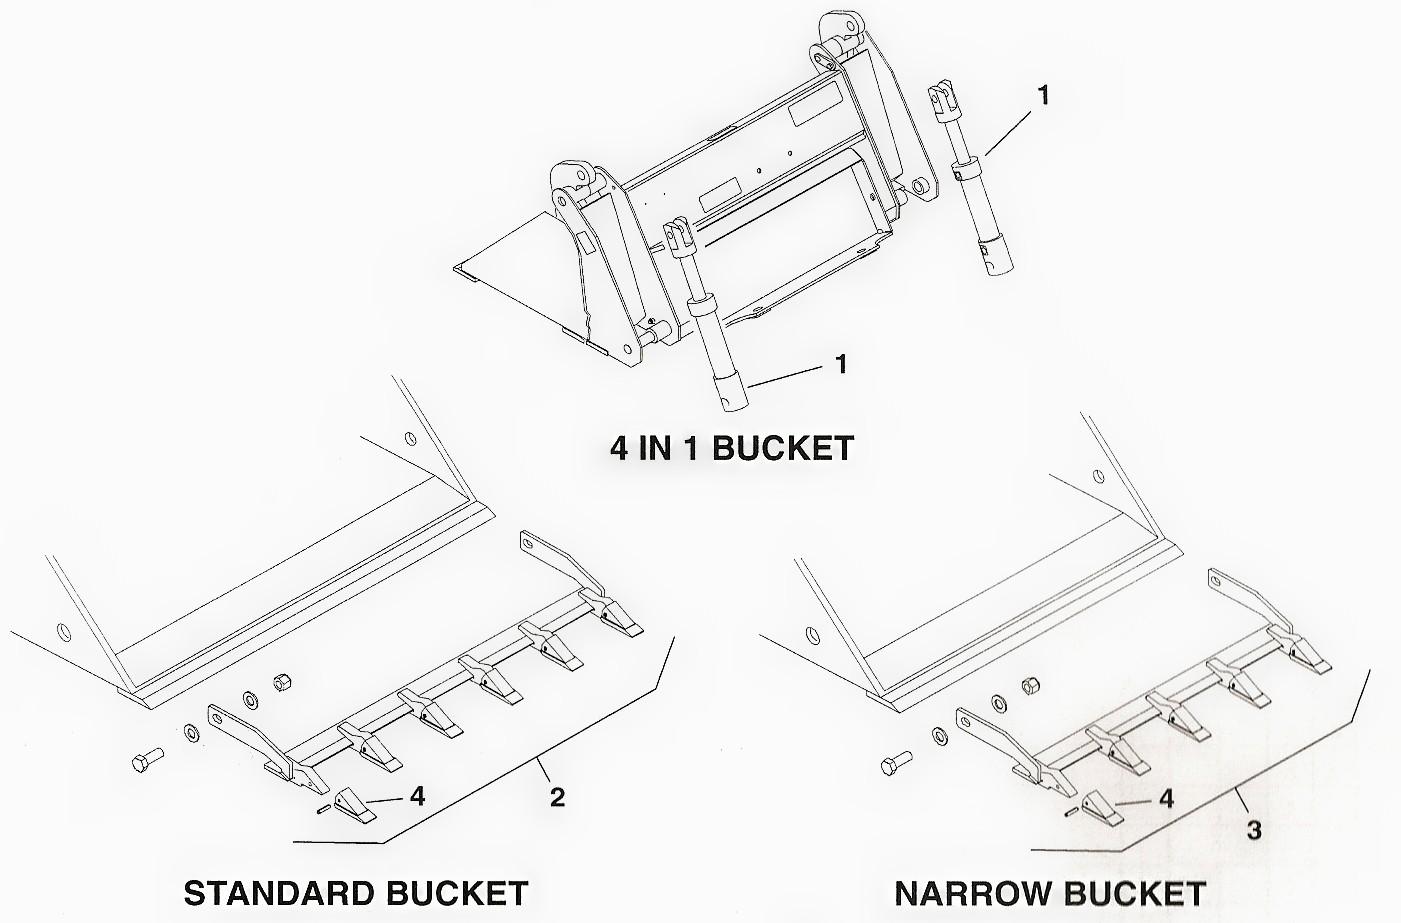 Toro Dingo Bucket Parts and Auger Bit Parts